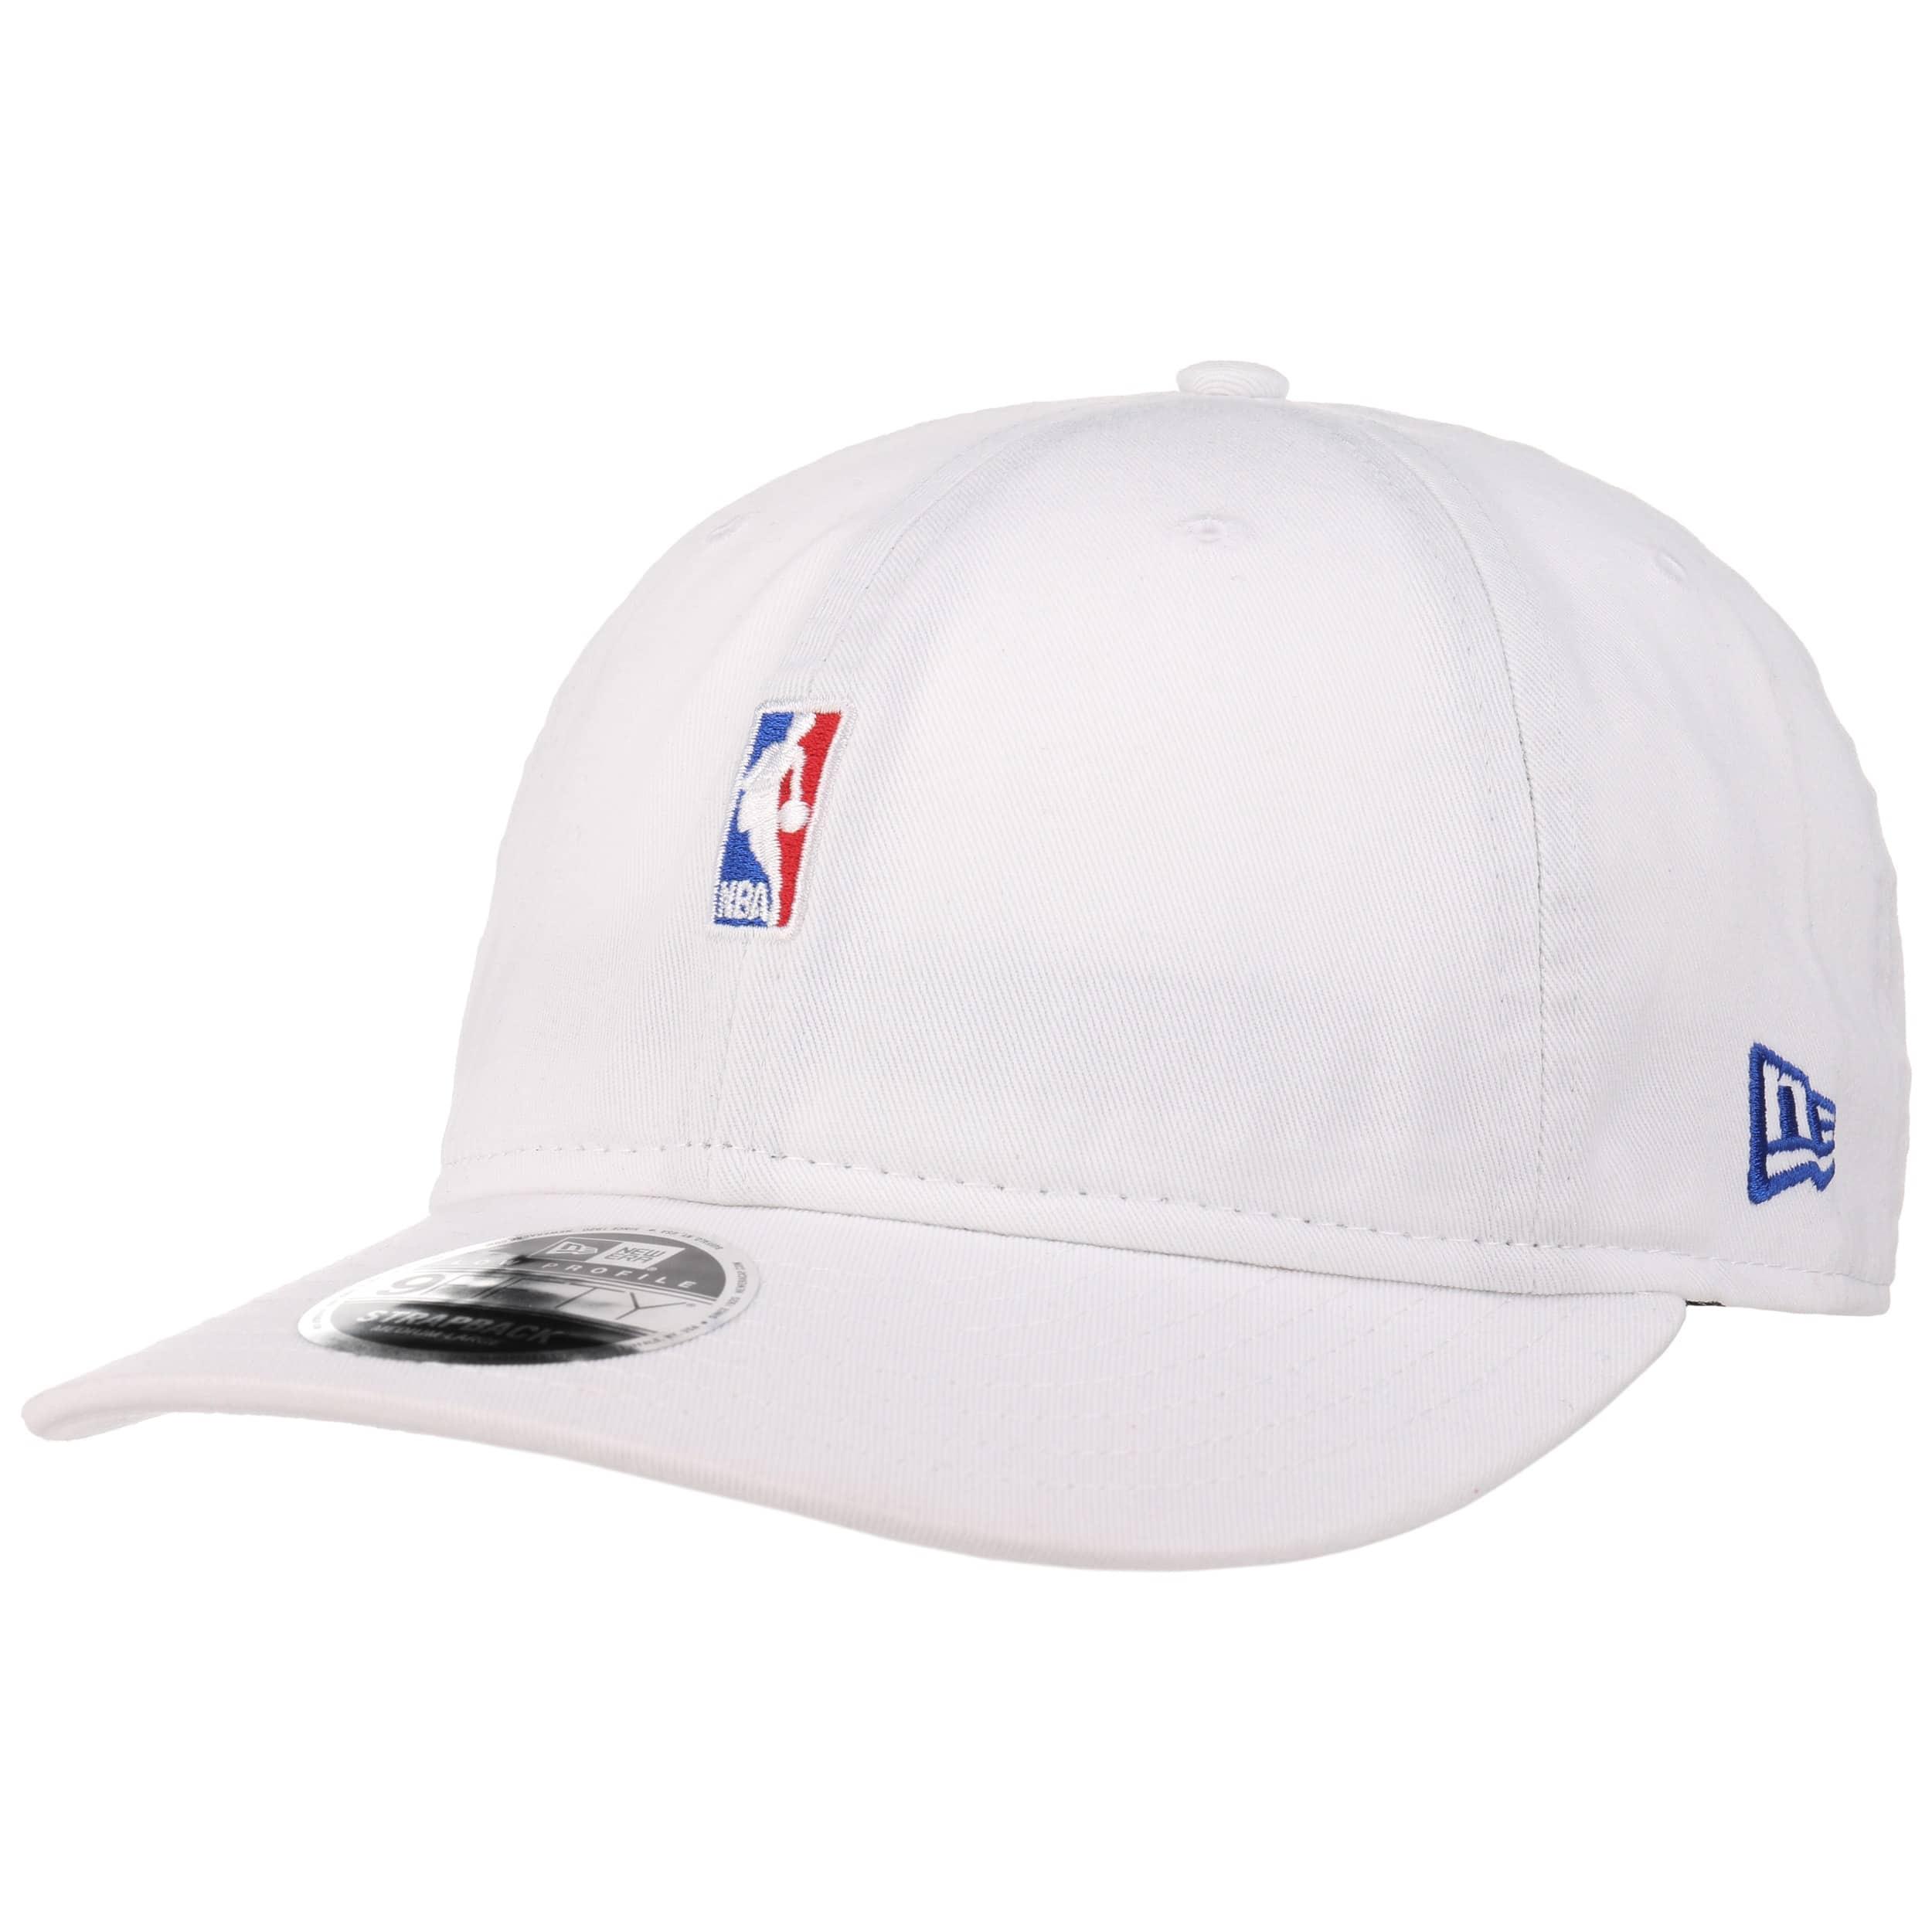 3c8d265d07f95 ... 9Fifty Low Crown NBA Logo Cap by New Era - white 6 ...